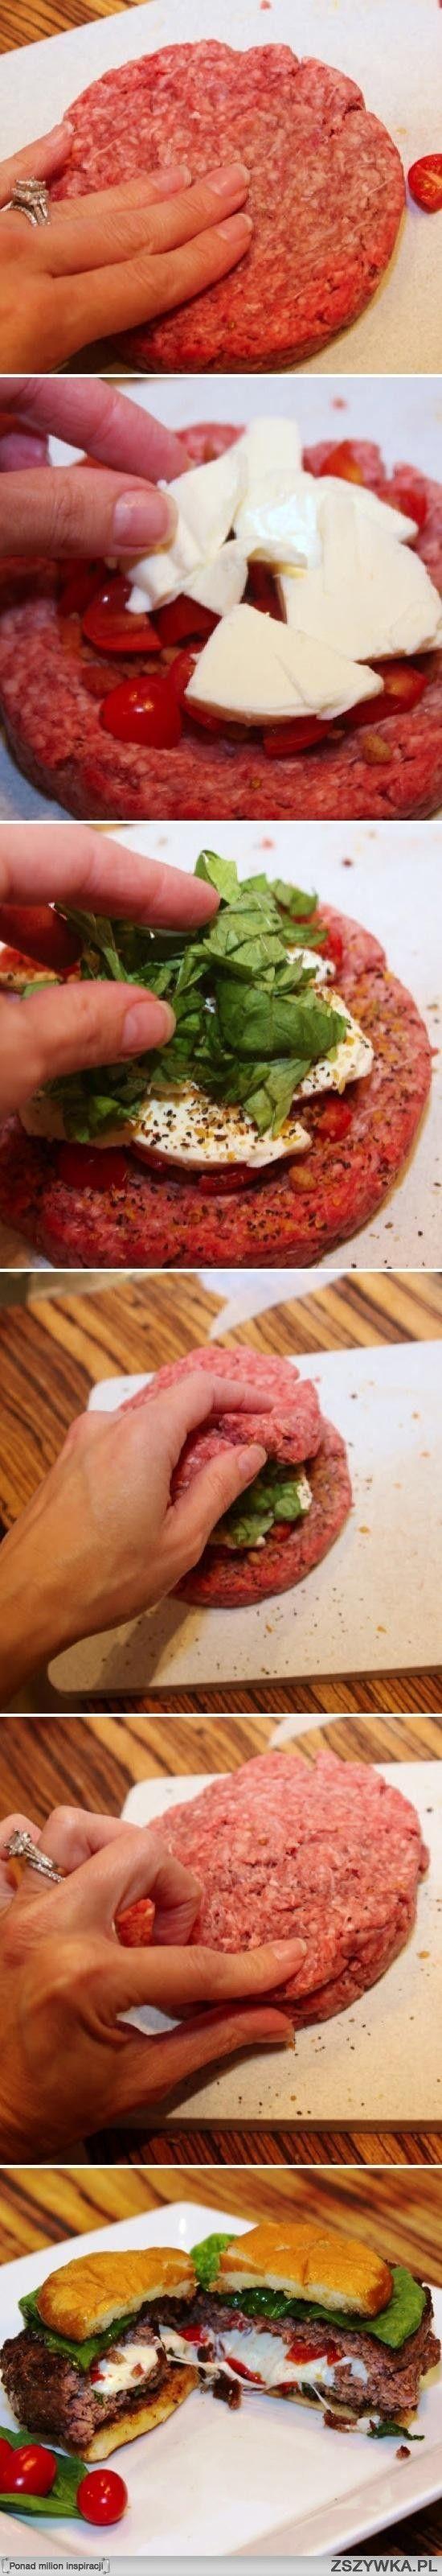 tomato mozzarella burgers